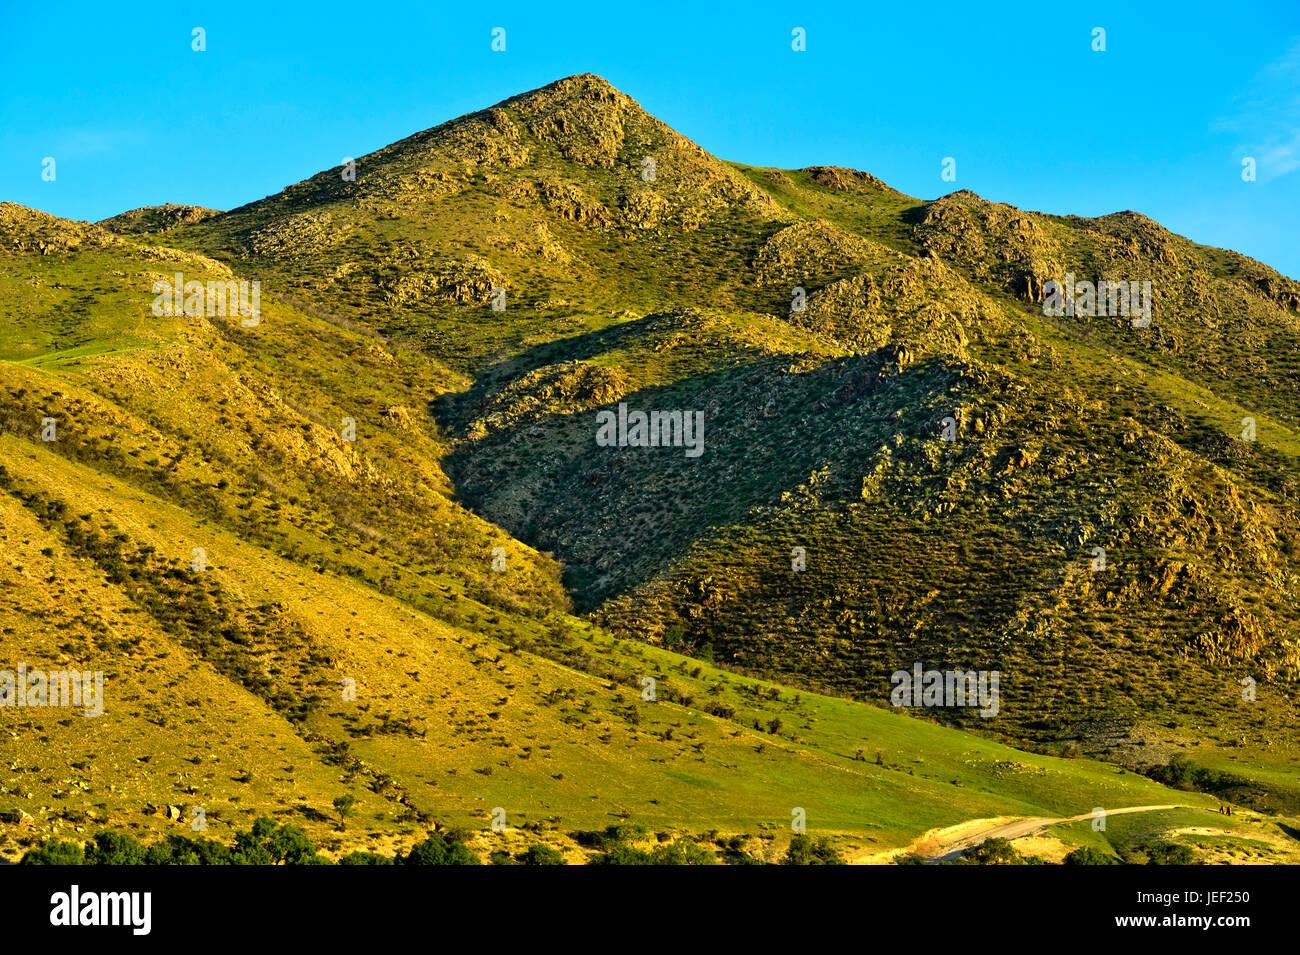 La colline couverte d'herbe, de la chaîne de la vallée de Orchon, Mongolie Photo Stock